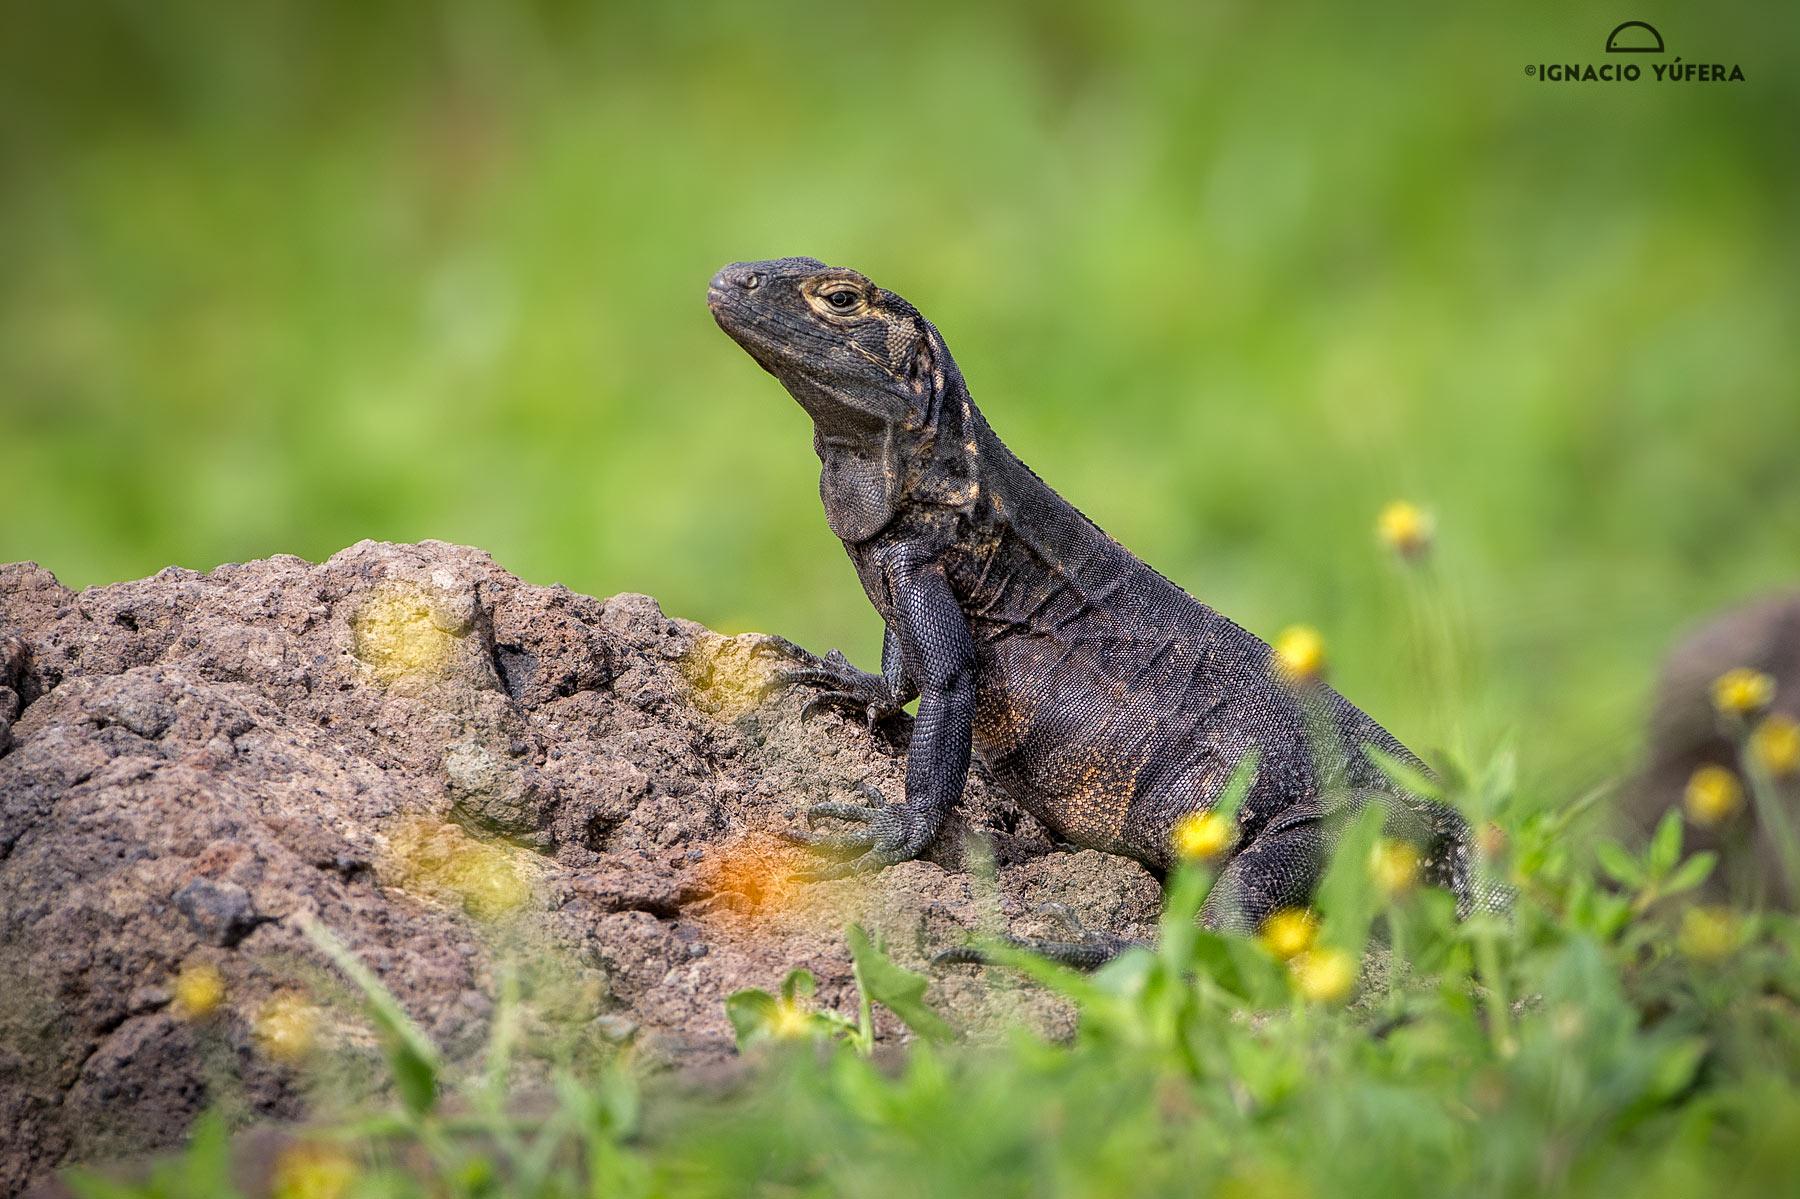 Spiny-tailed iguana (Ctenosaura similis), female, ruins of Panama Viejo, Panama, July